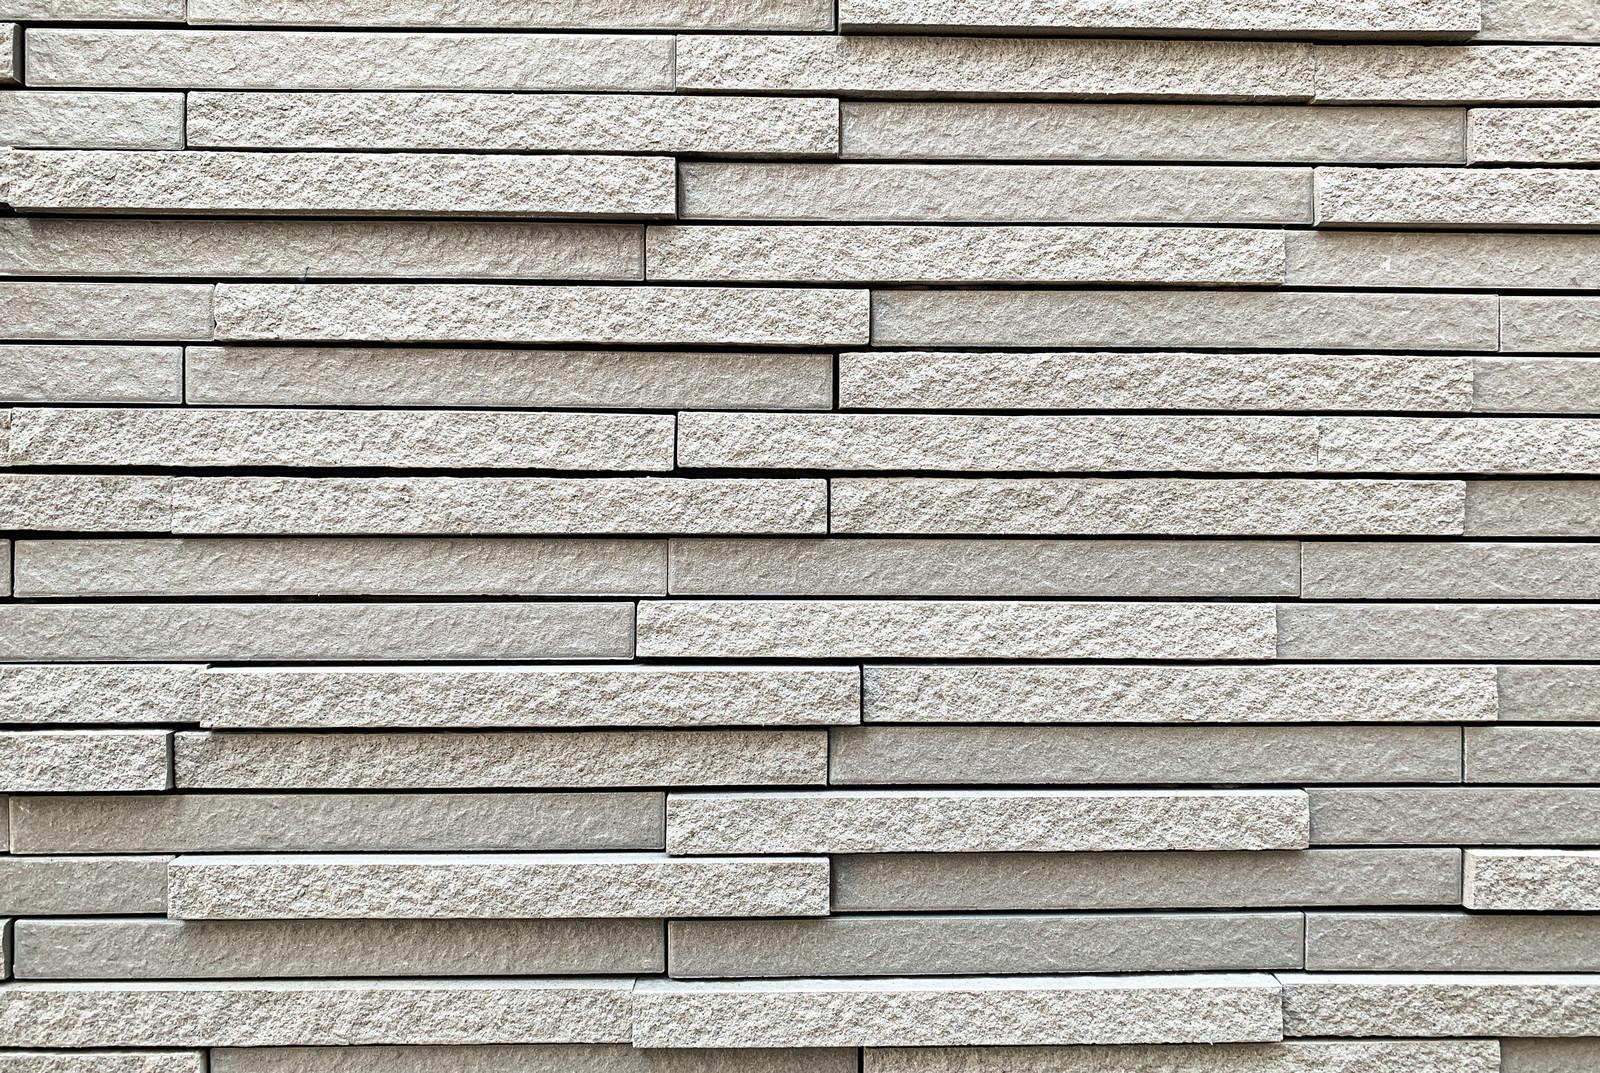 「細長い凸凹外壁用タイル(テクスチャ)」の写真